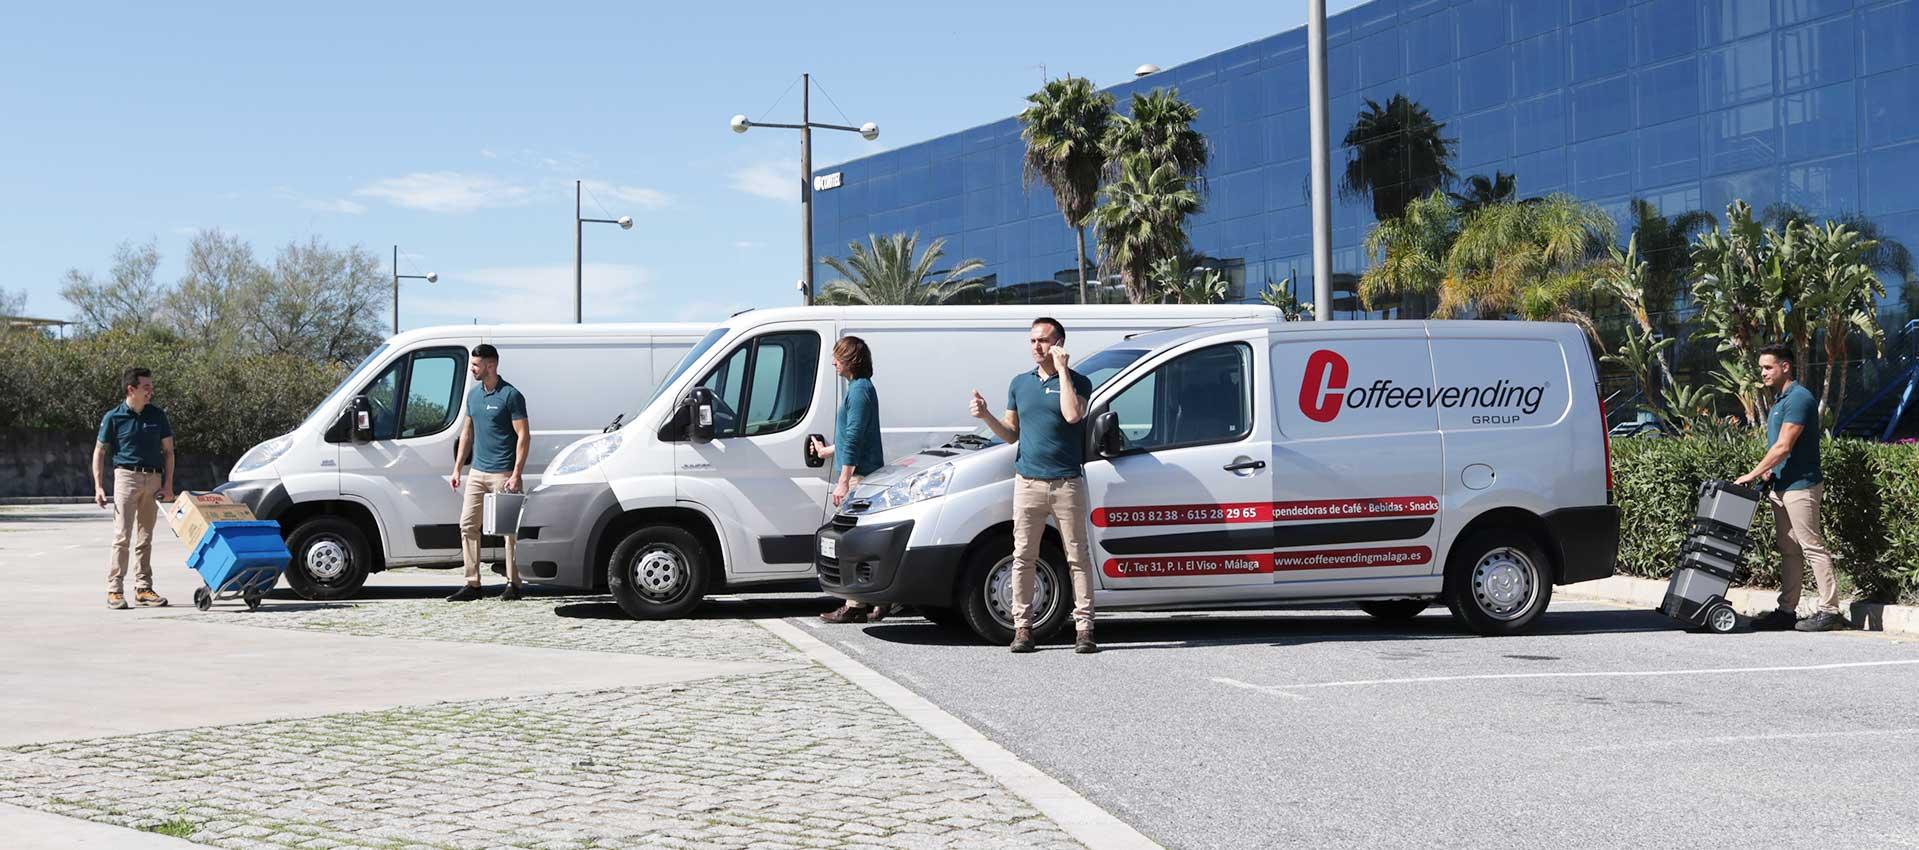 servicio-oficial-azkoyen-vending-andalucia